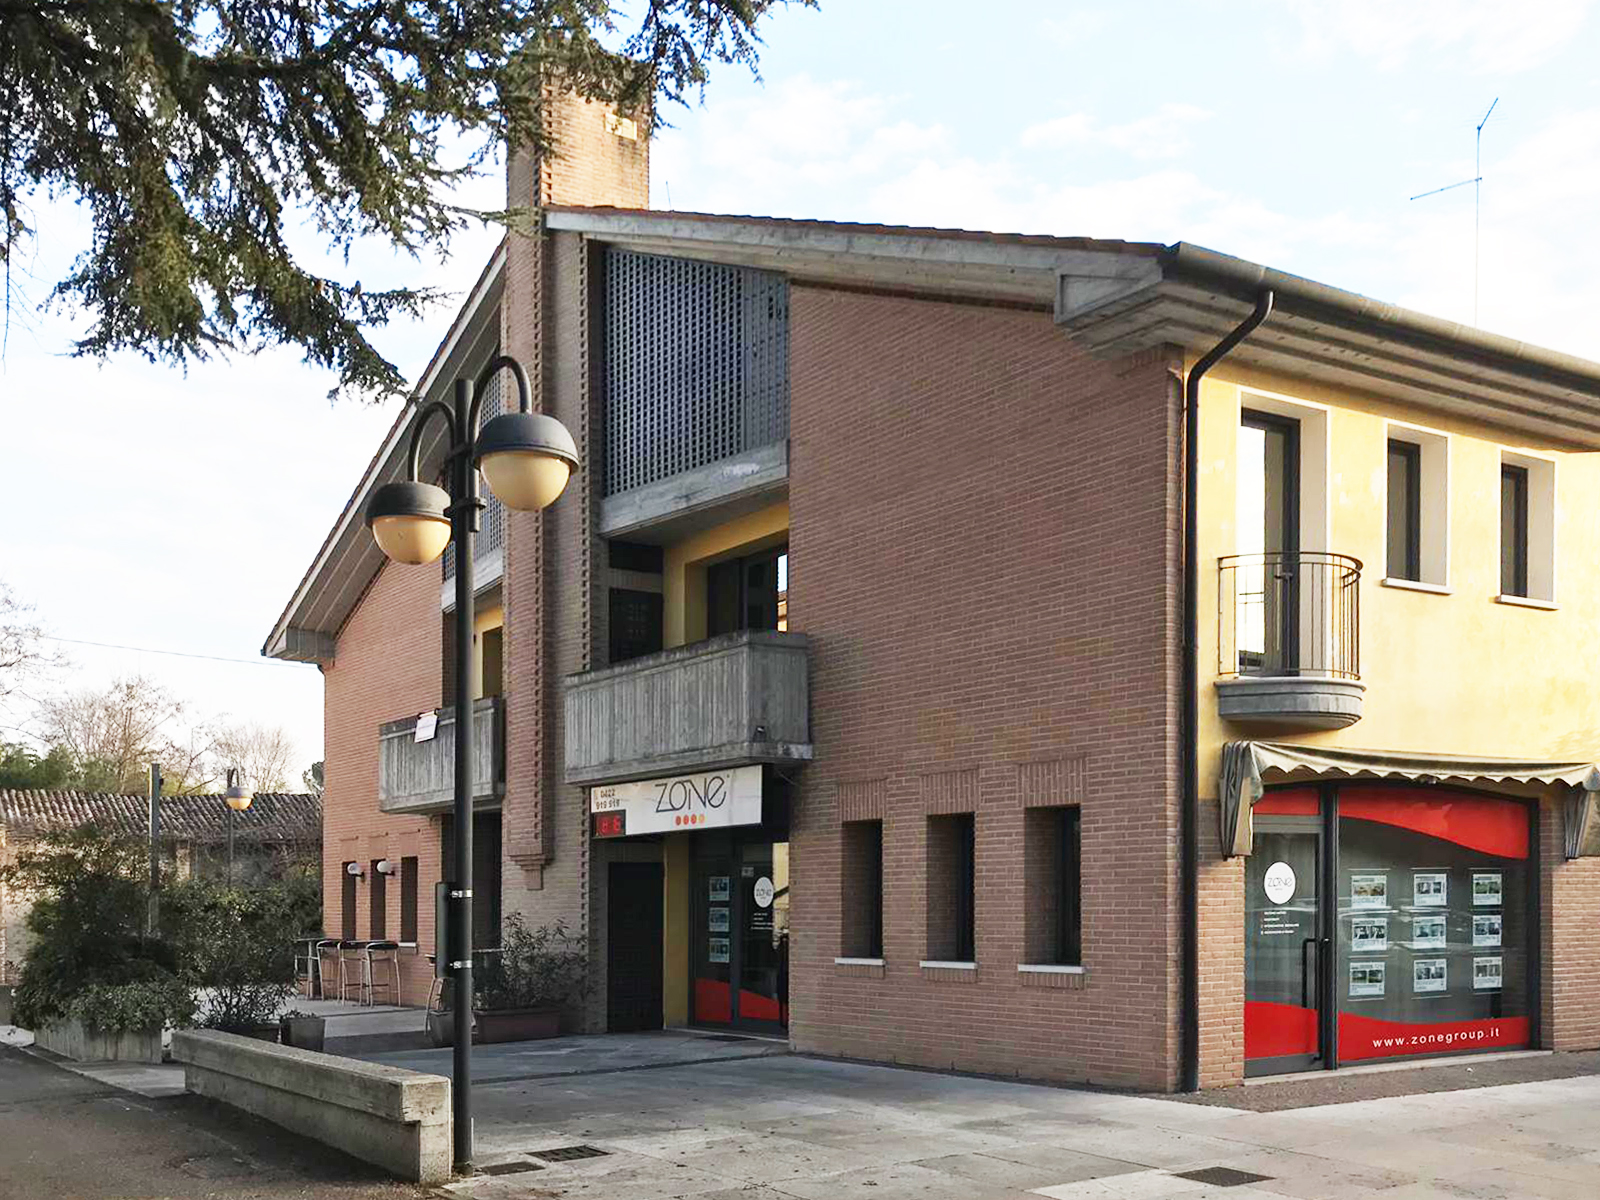 Bar in Affitto Villorba - Studio Architetto Zanatta 05